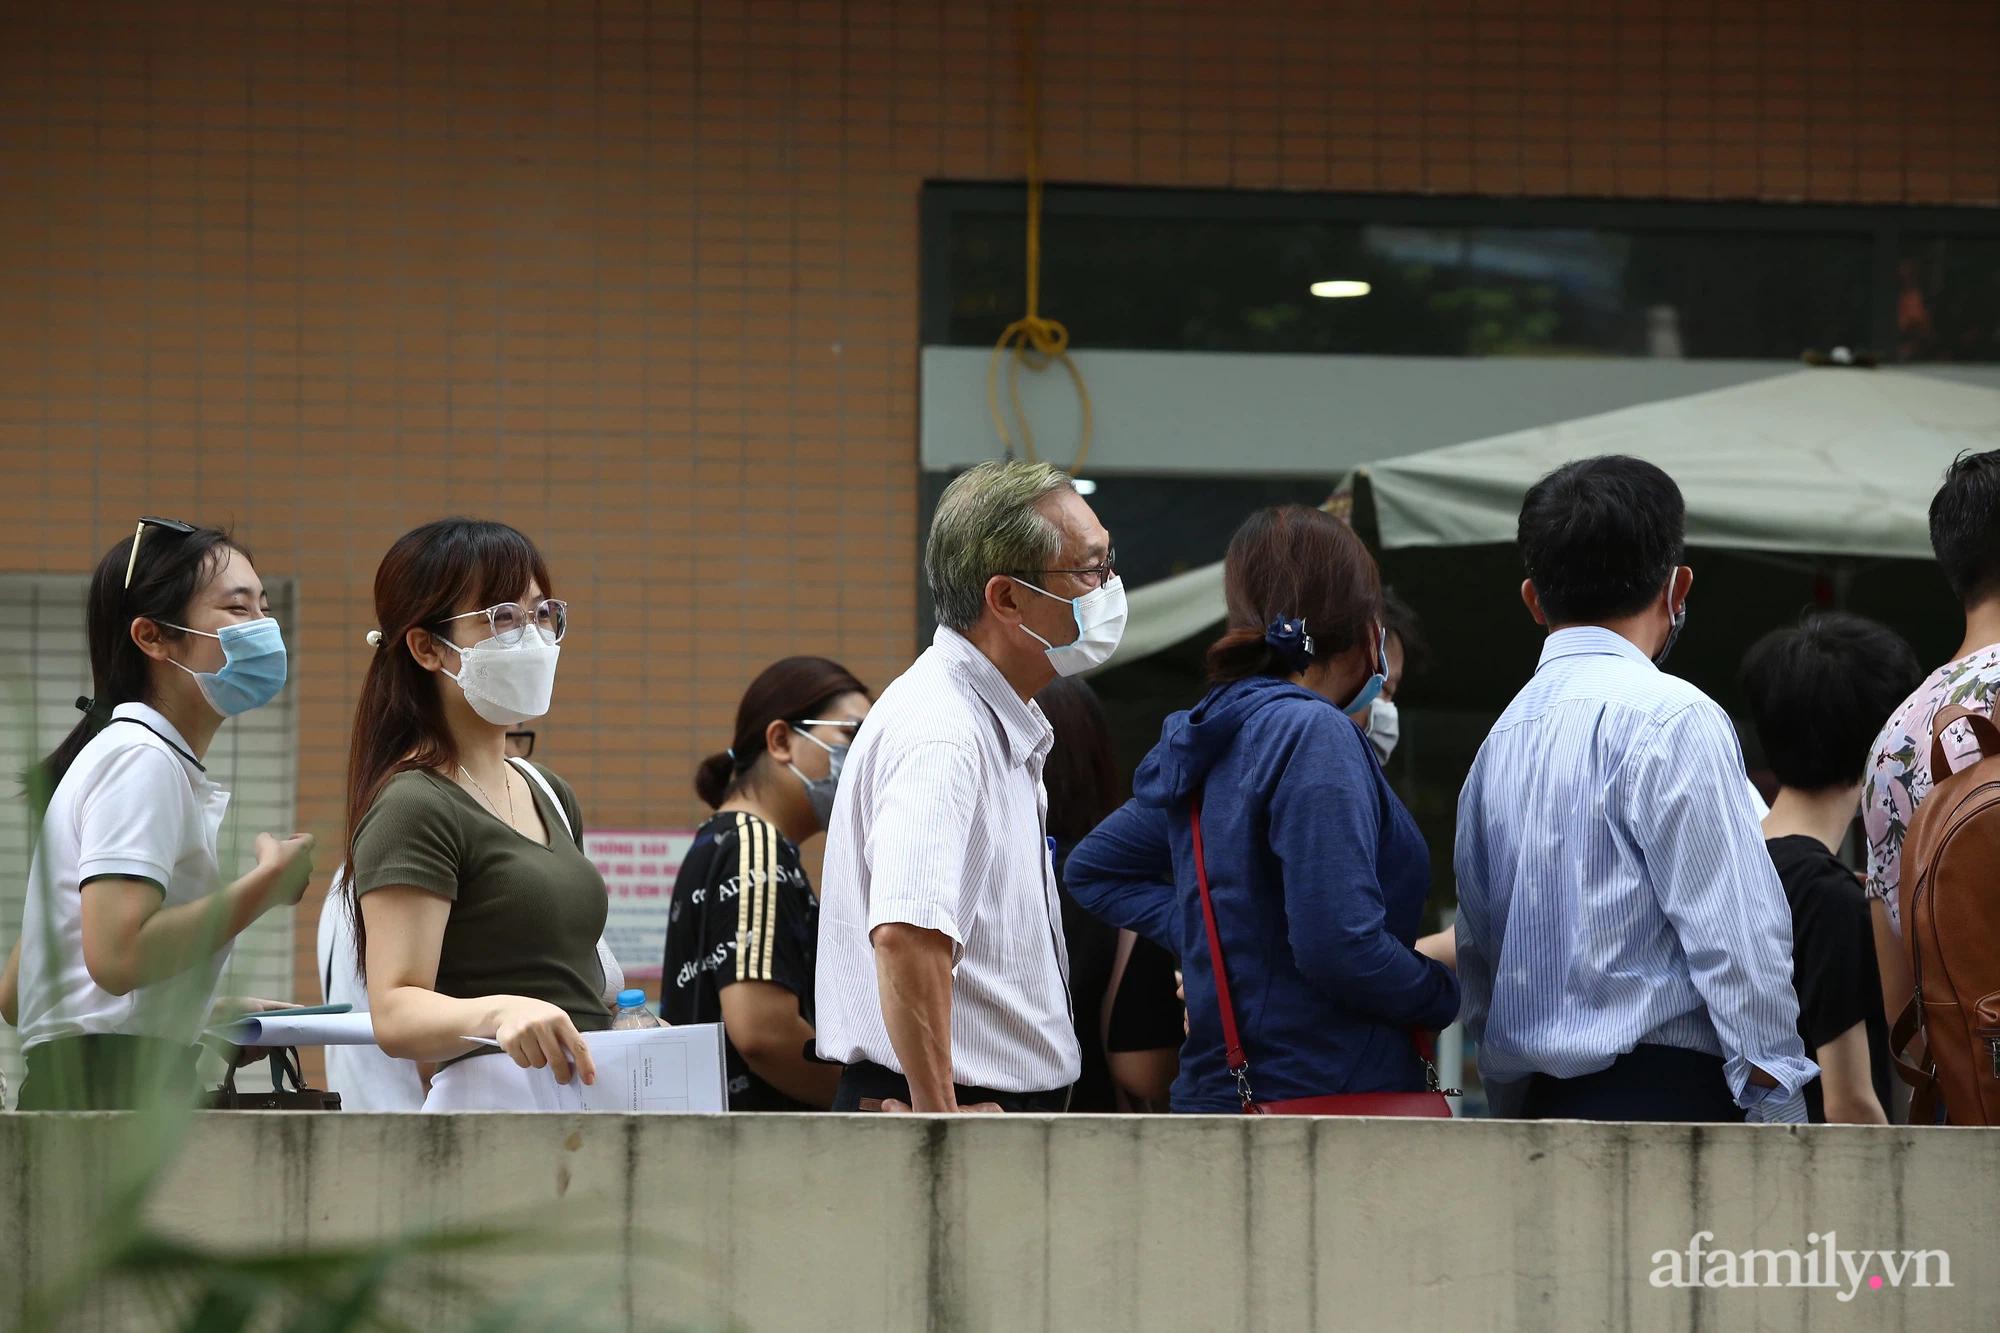 Bí thư thành ủy Hà Nội: Dừng ngay điểm tiêm vaccine Bệnh viện E, tránh tình trạng rối loạn - Ảnh 2.